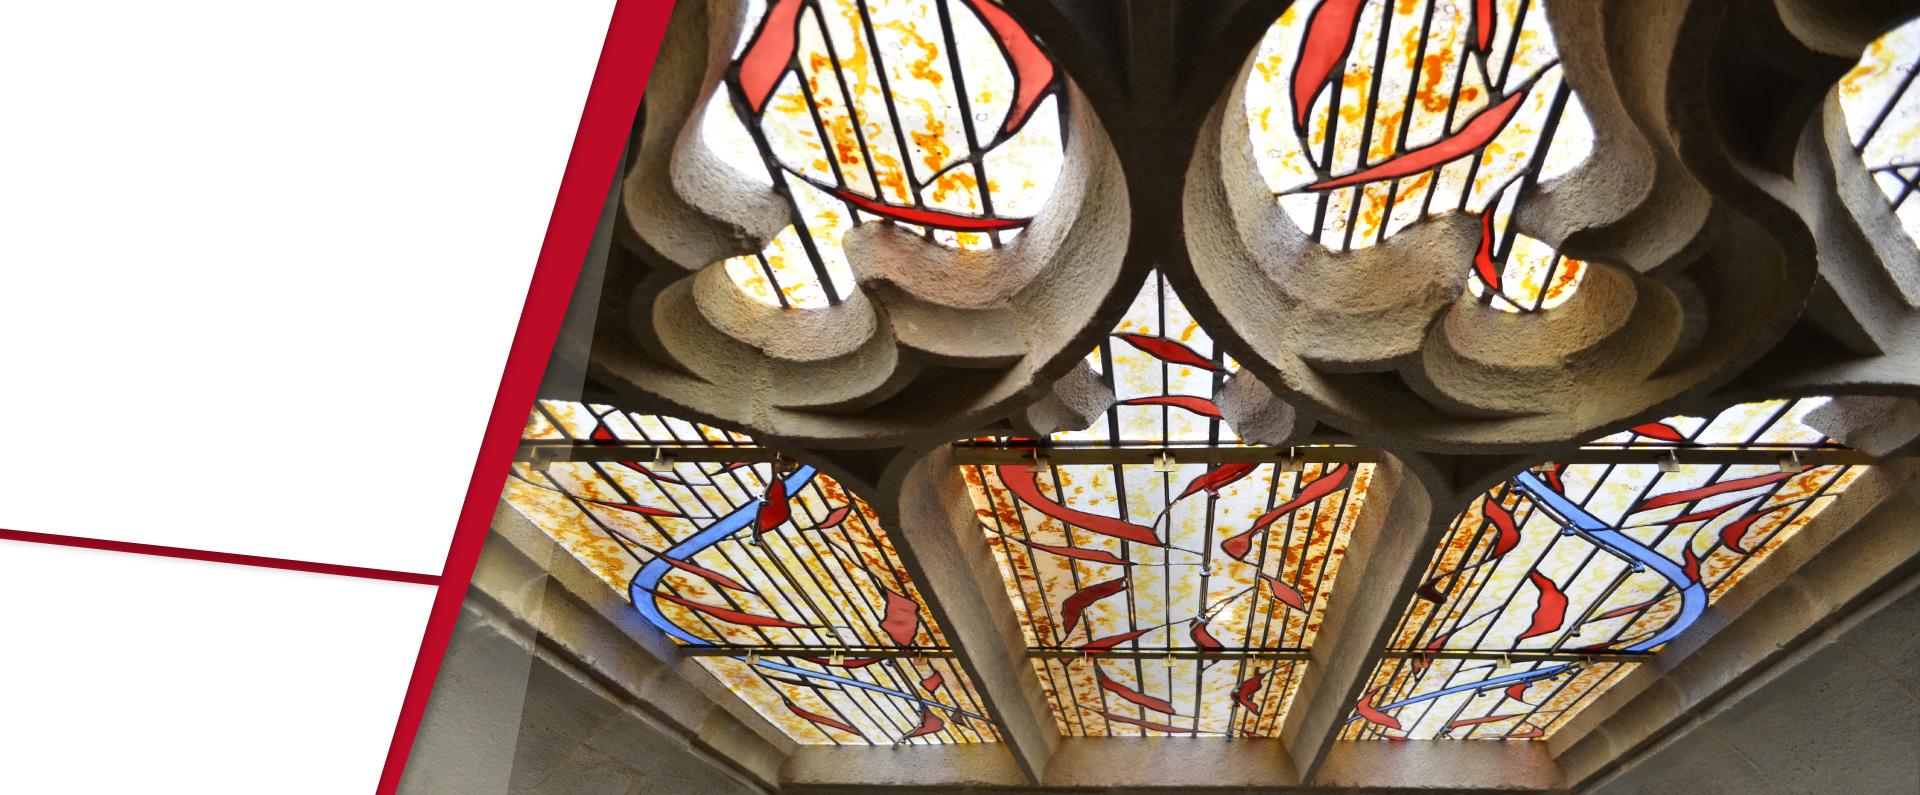 Découvrir la création de vitraux : anciens et contemporains